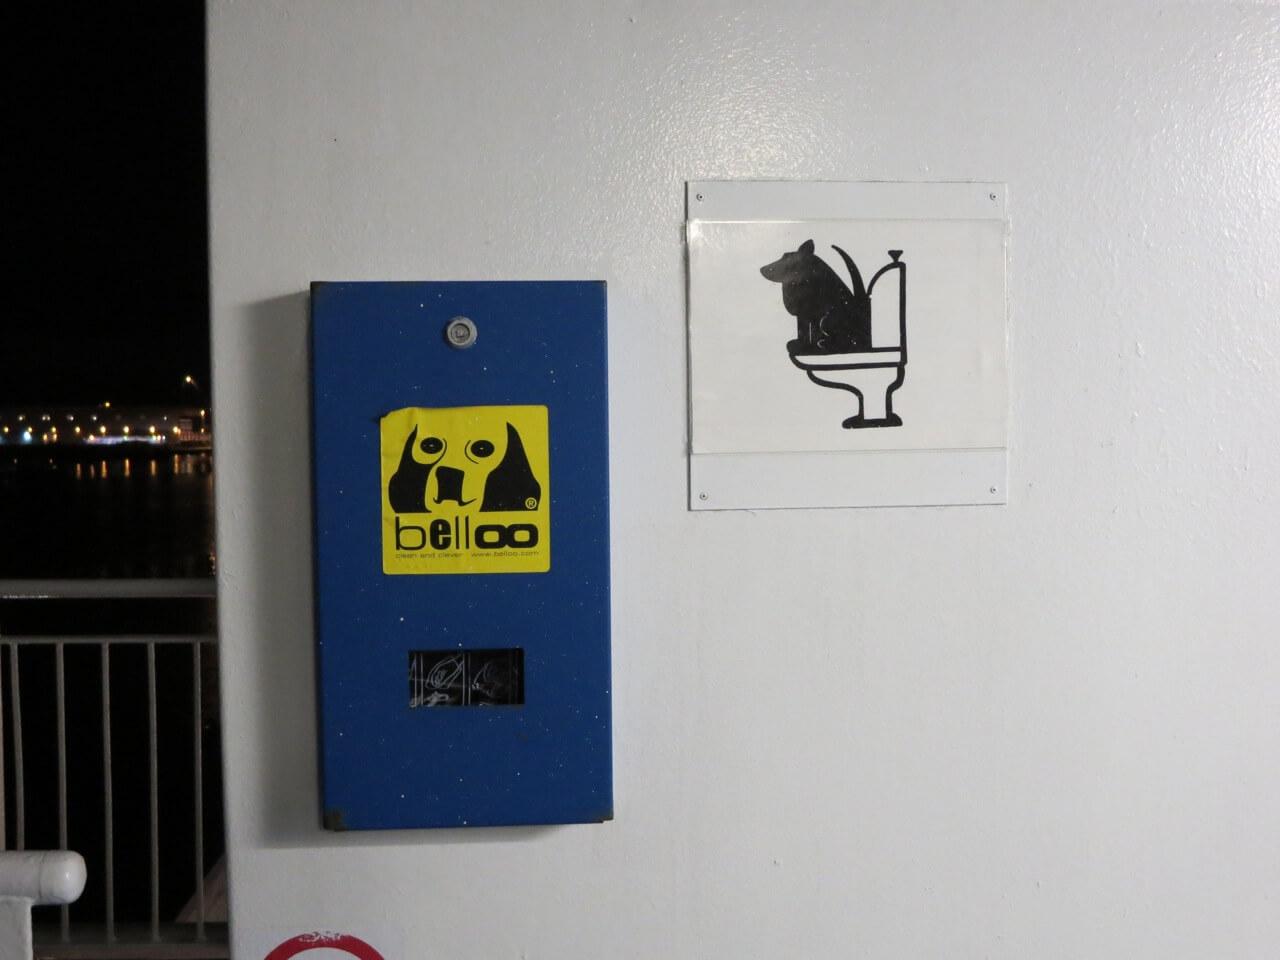 Ein Schild mit einem Hund auf einer Toilette und eine Box mit Abfallbeuteln für das Geschäft